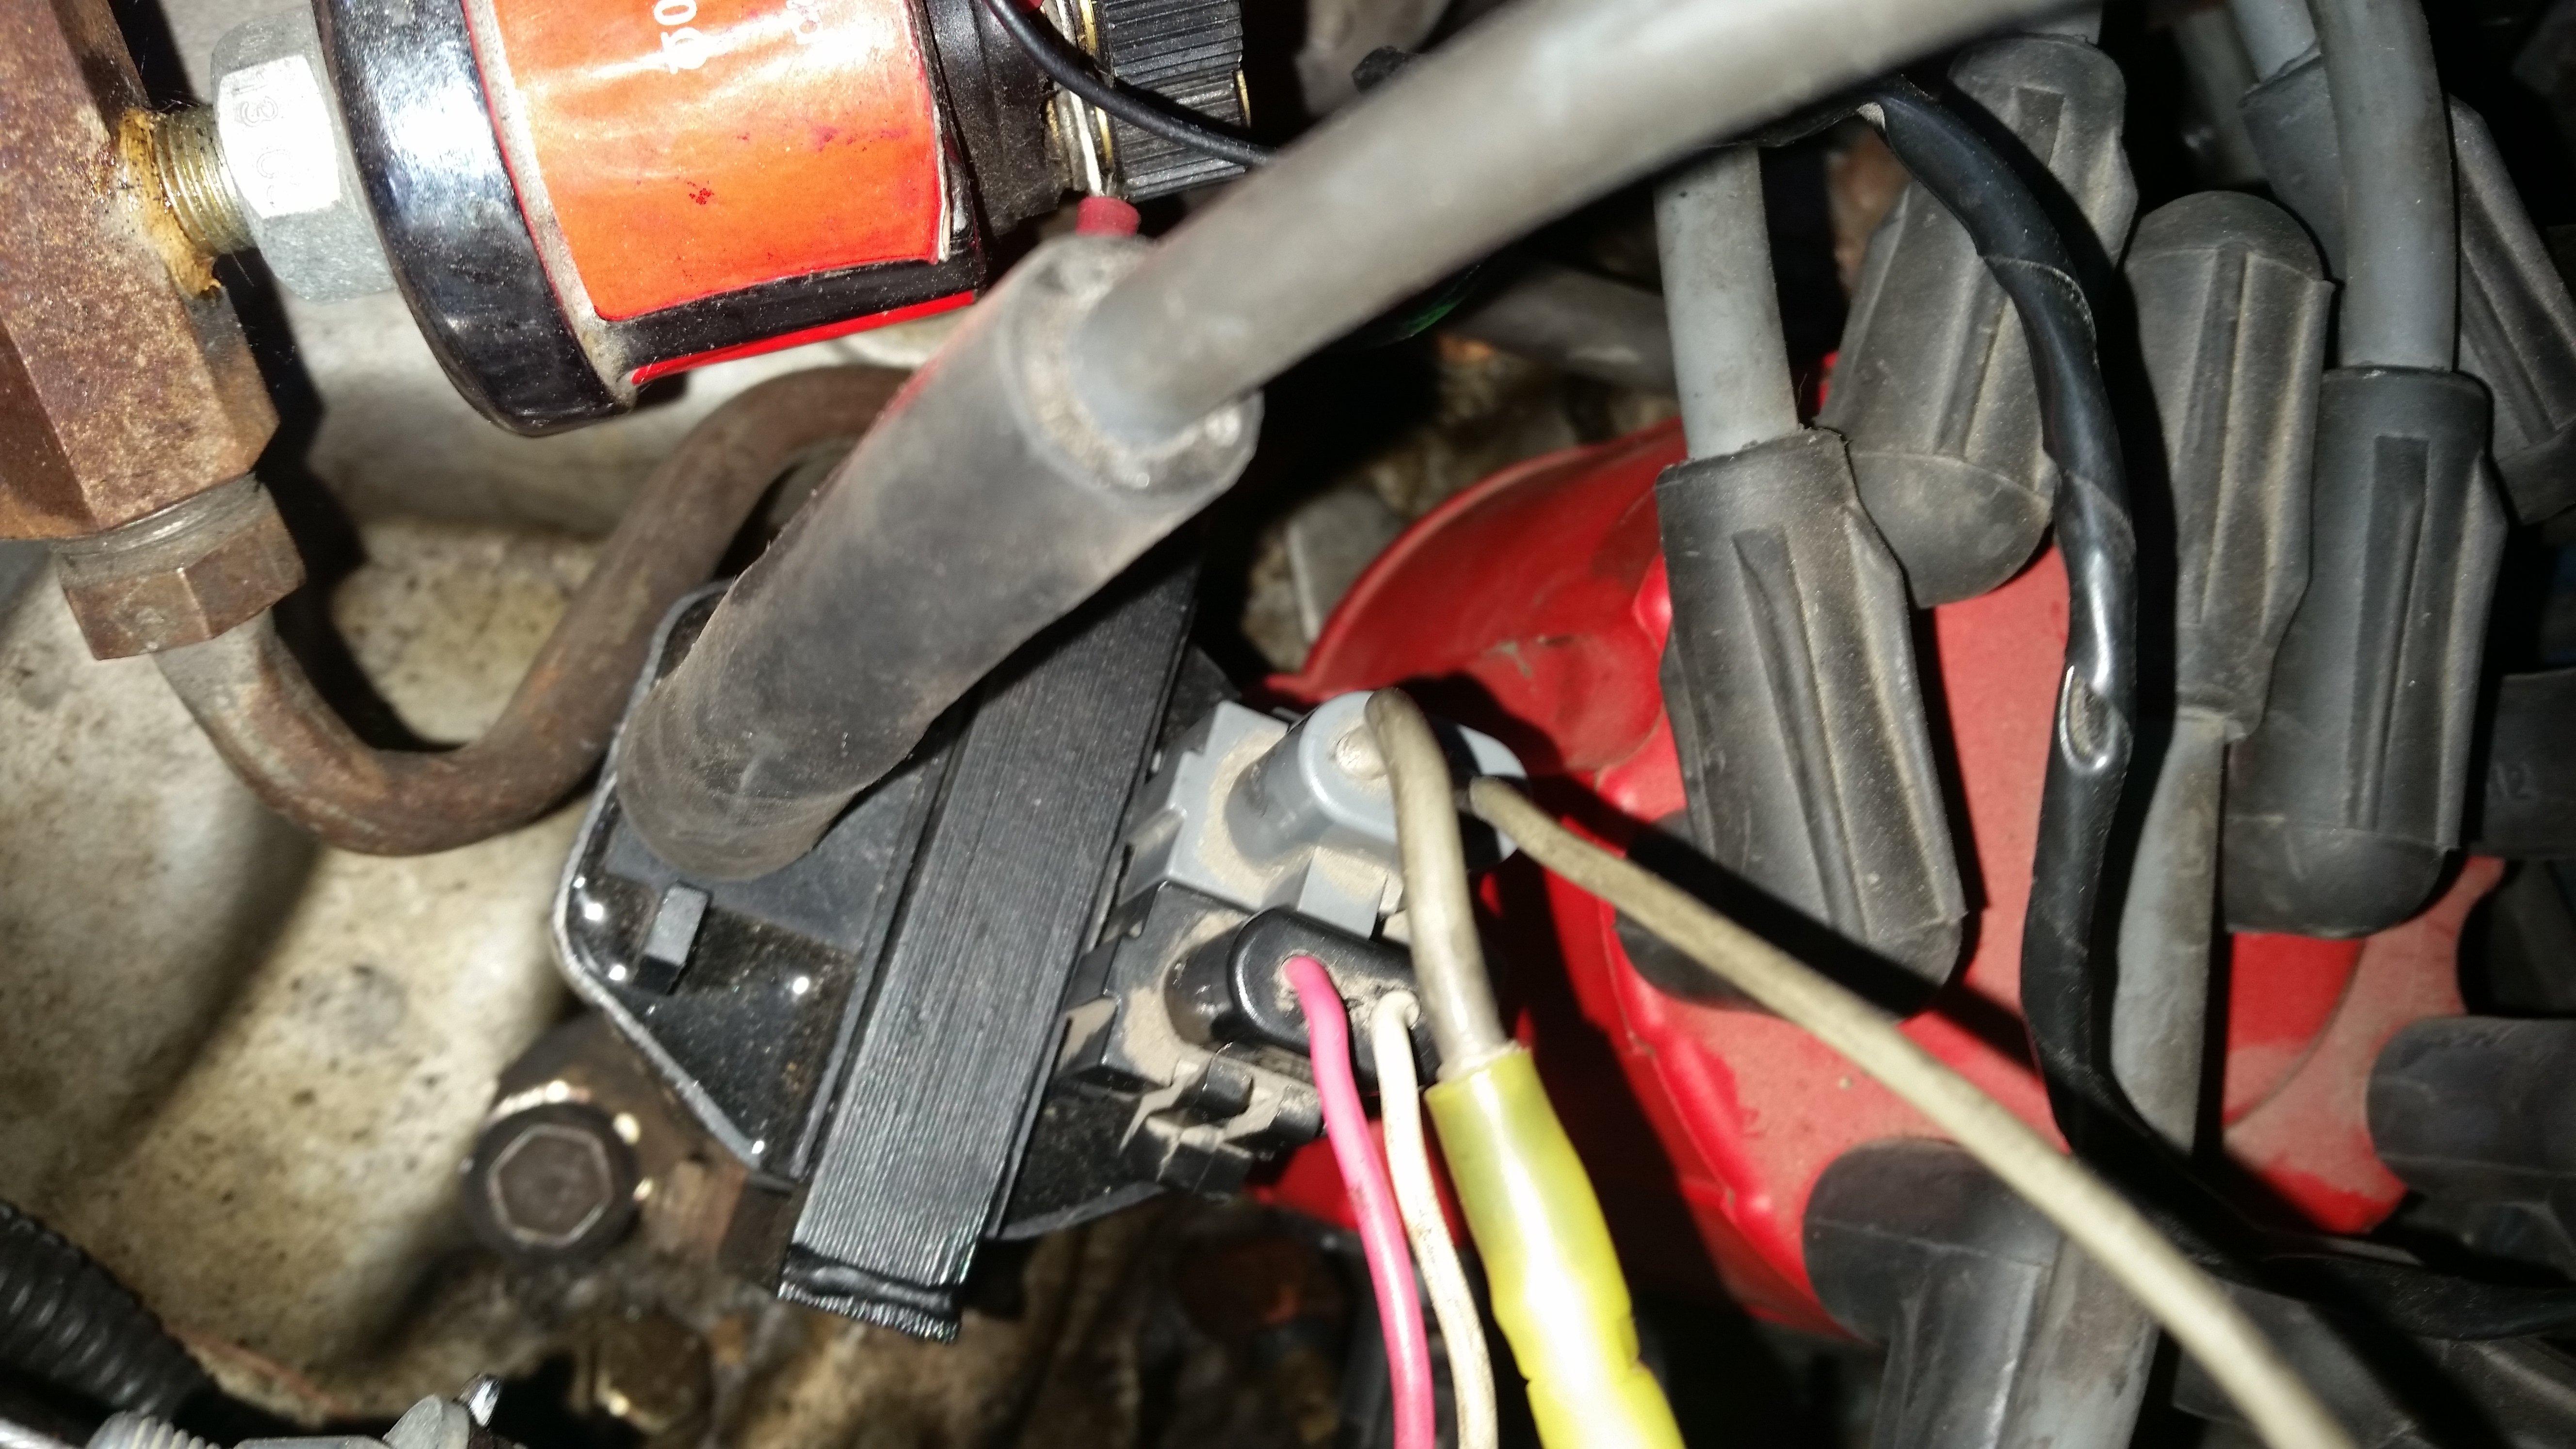 No spark  87 Silverado TBI 350, I have checked for voltage